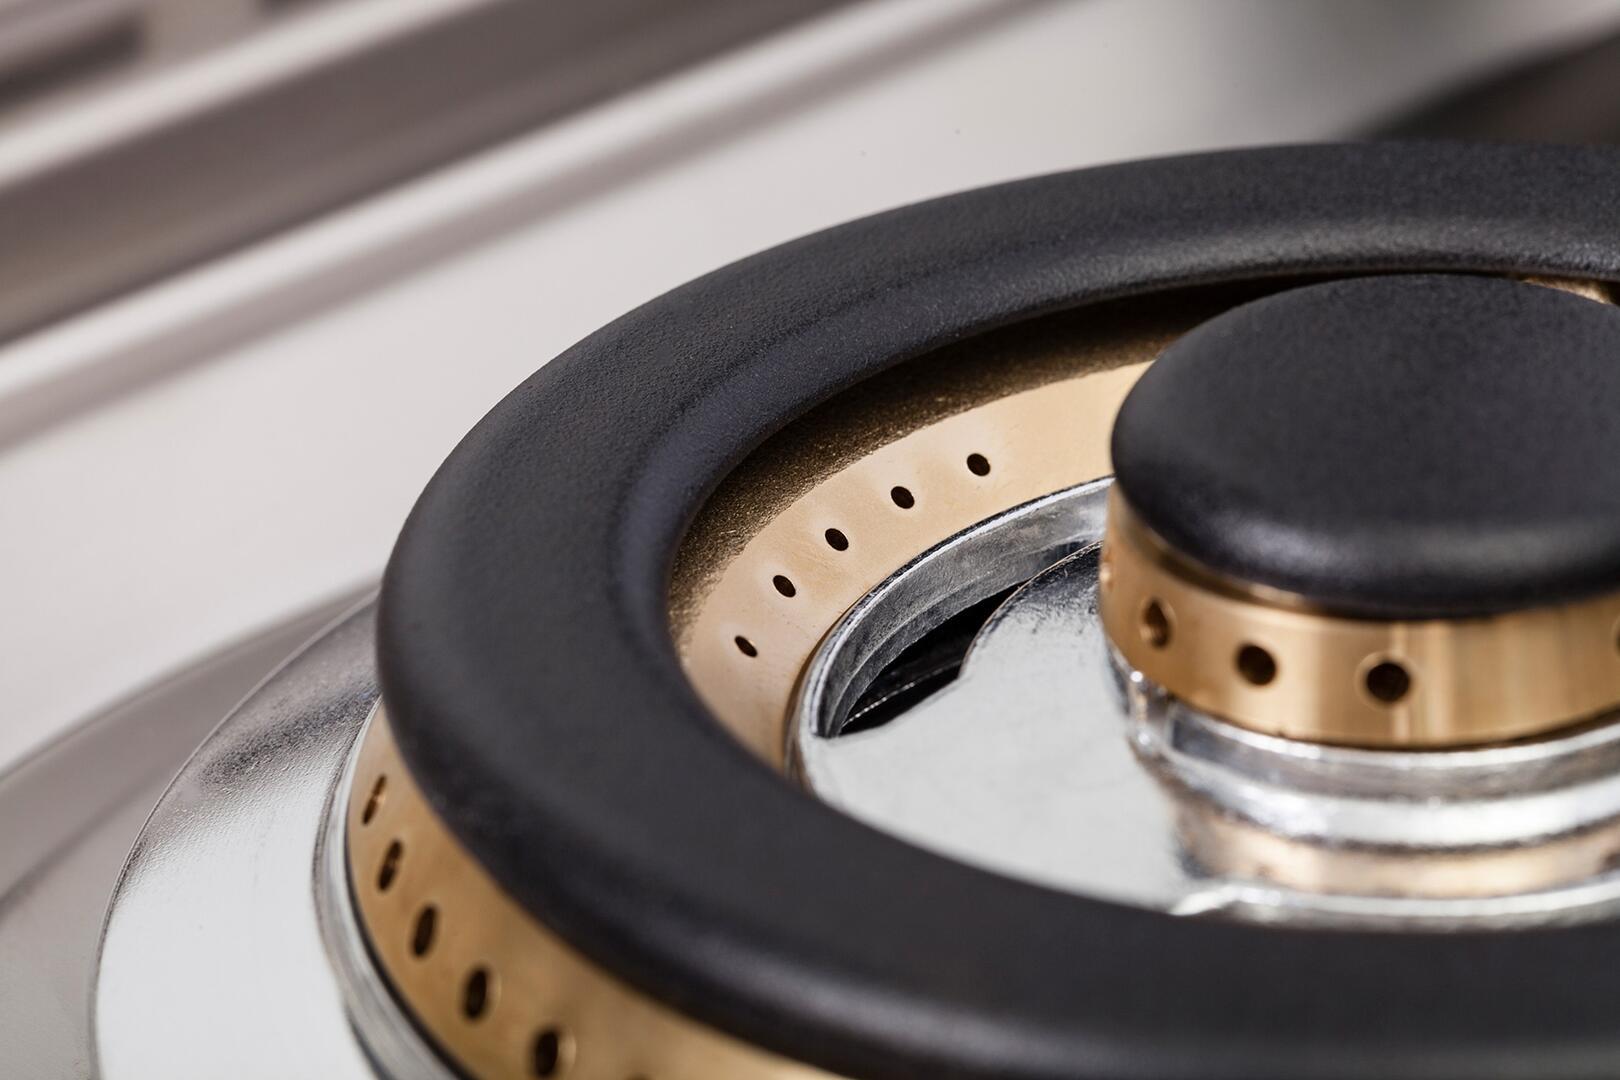 Ilve Professional Plus UPDW1006DMPN Freestanding Dual Fuel Range Black, 6